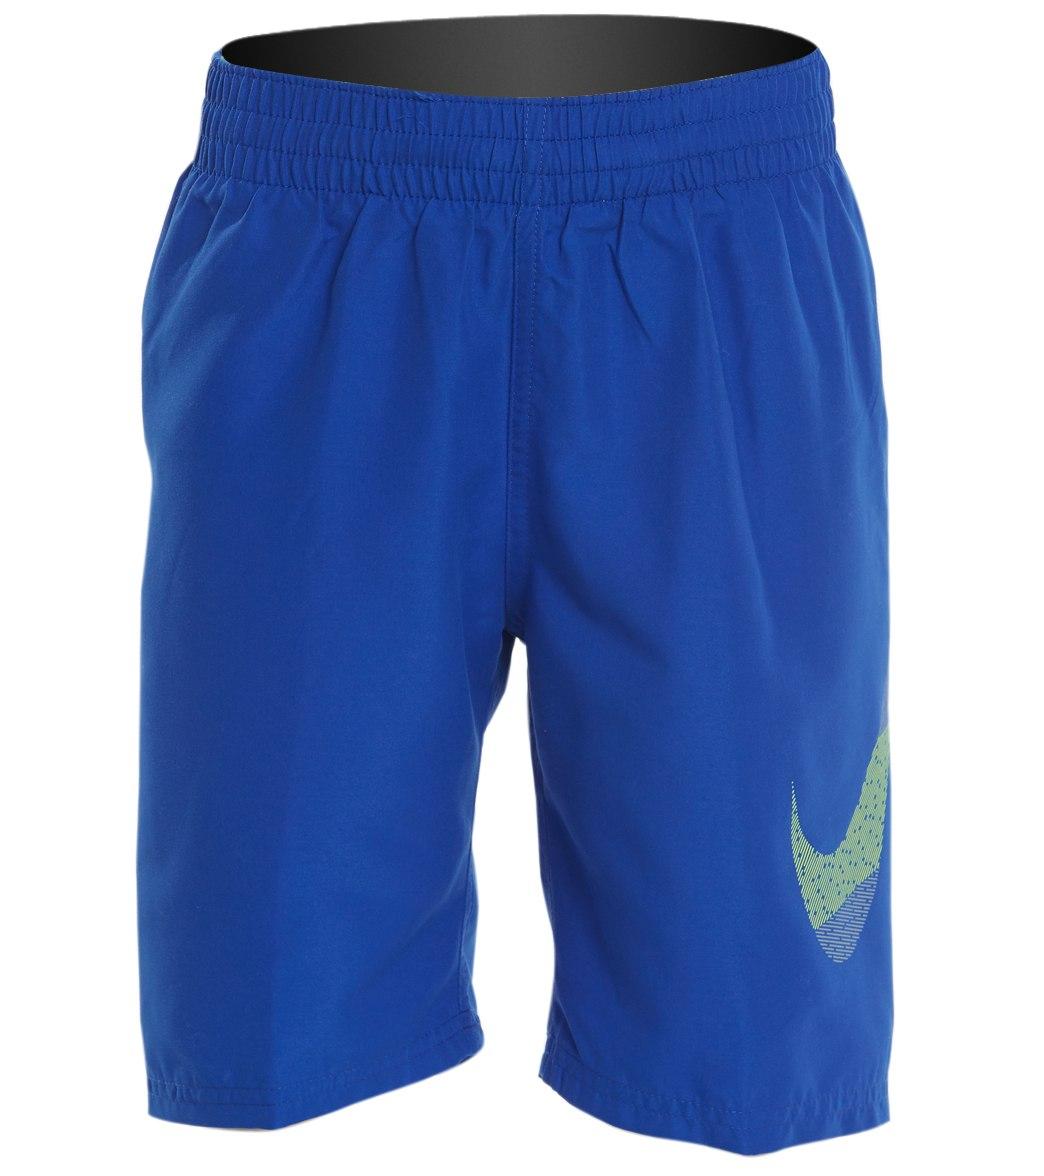 7d6d998e90 Nike Boys' 17